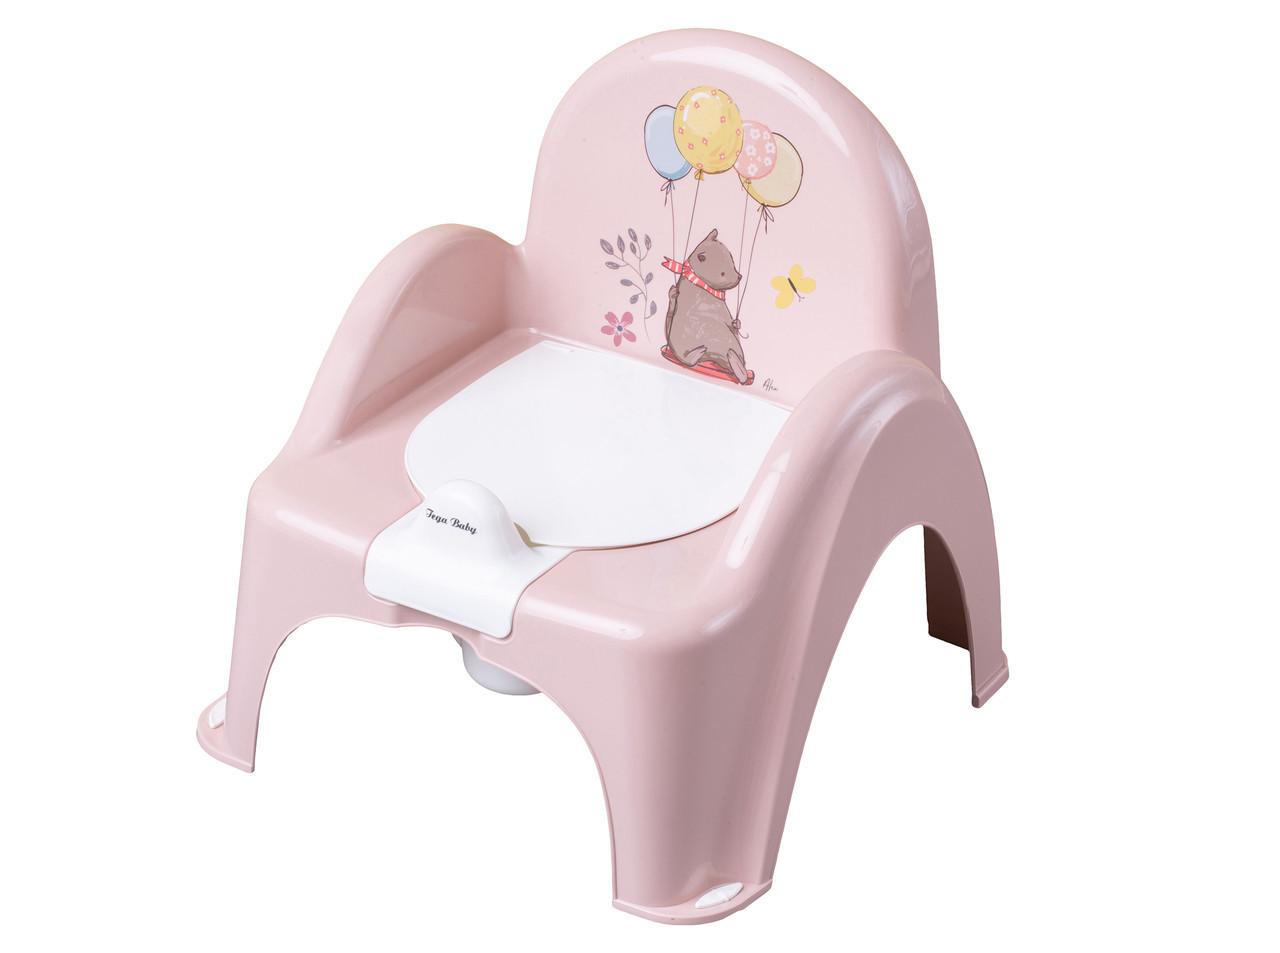 Горшок-стульчик музыкальный Tega Baby Лесная Сказка Розовый